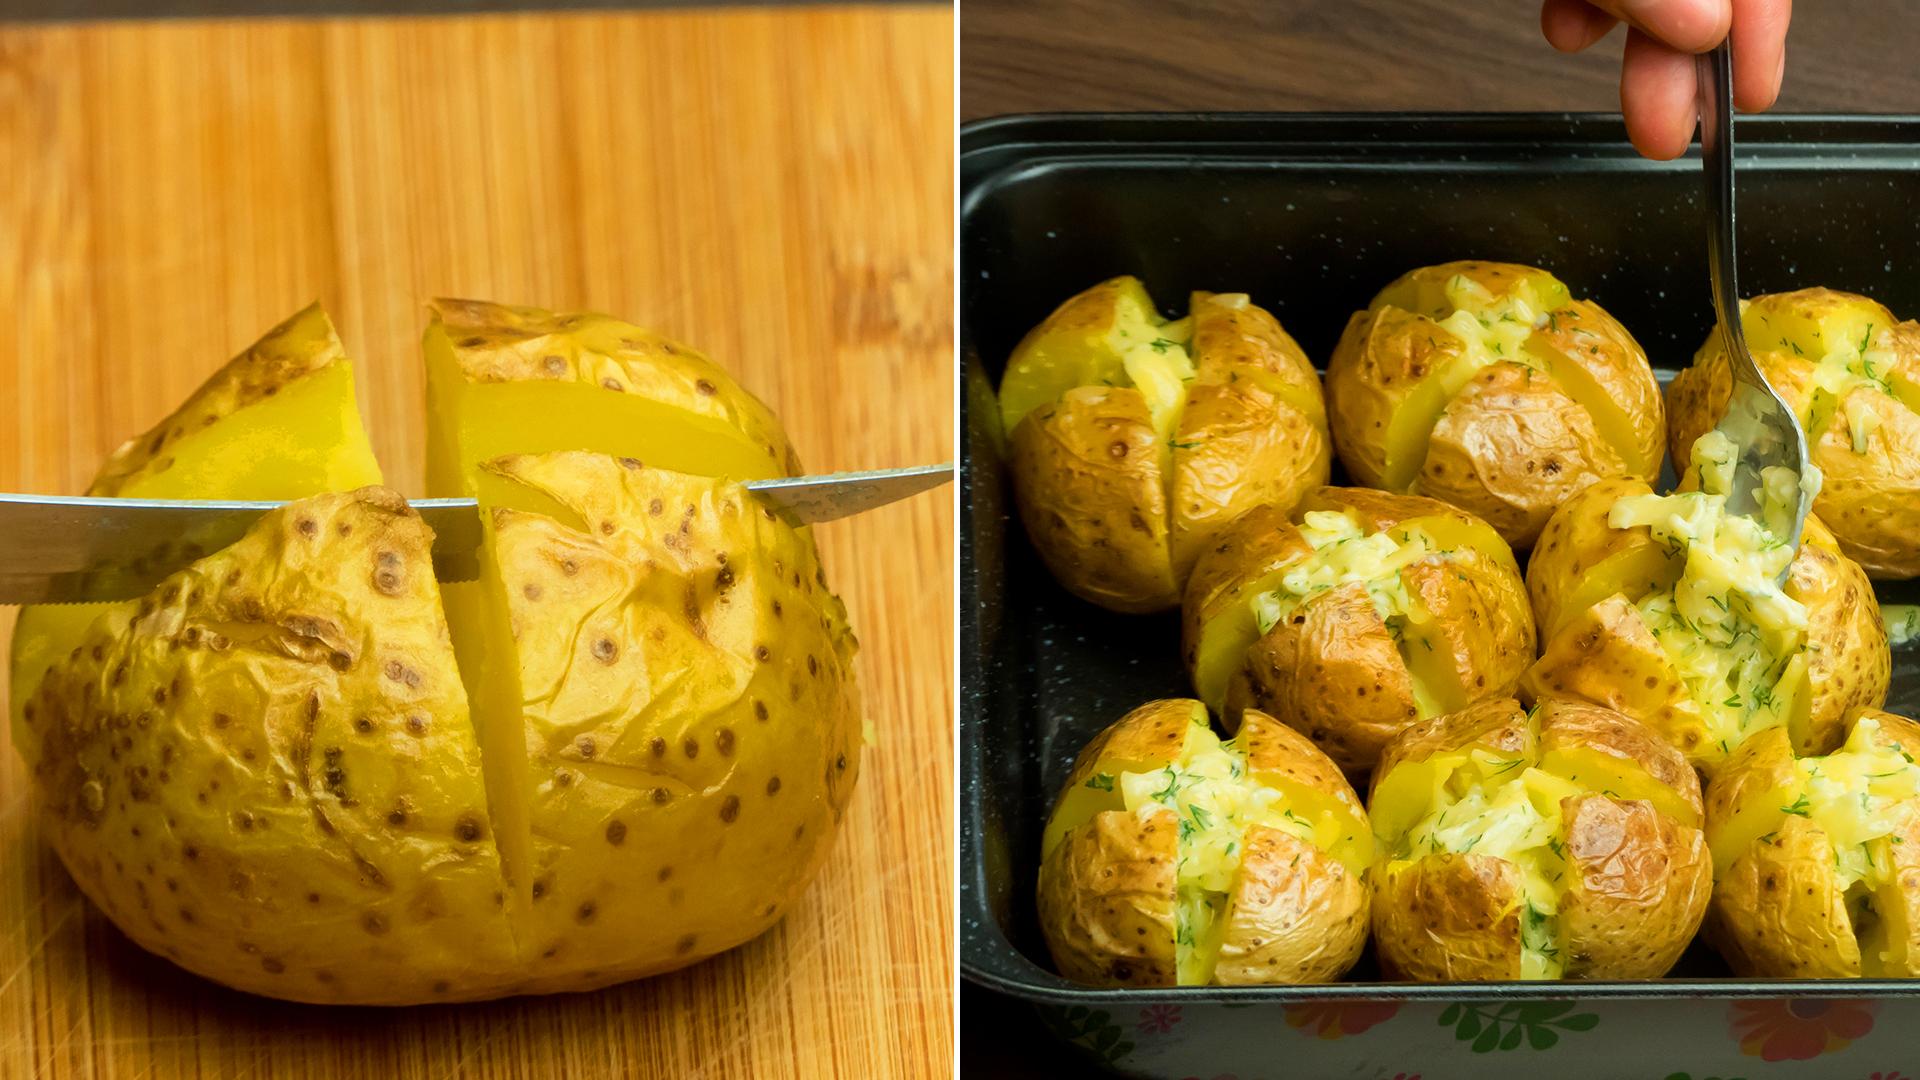 Așa cartofi nu ai mai gătit până acum! Cea mai delicioasă rețetă de cartofi copți pe care am mâncat vreodată!